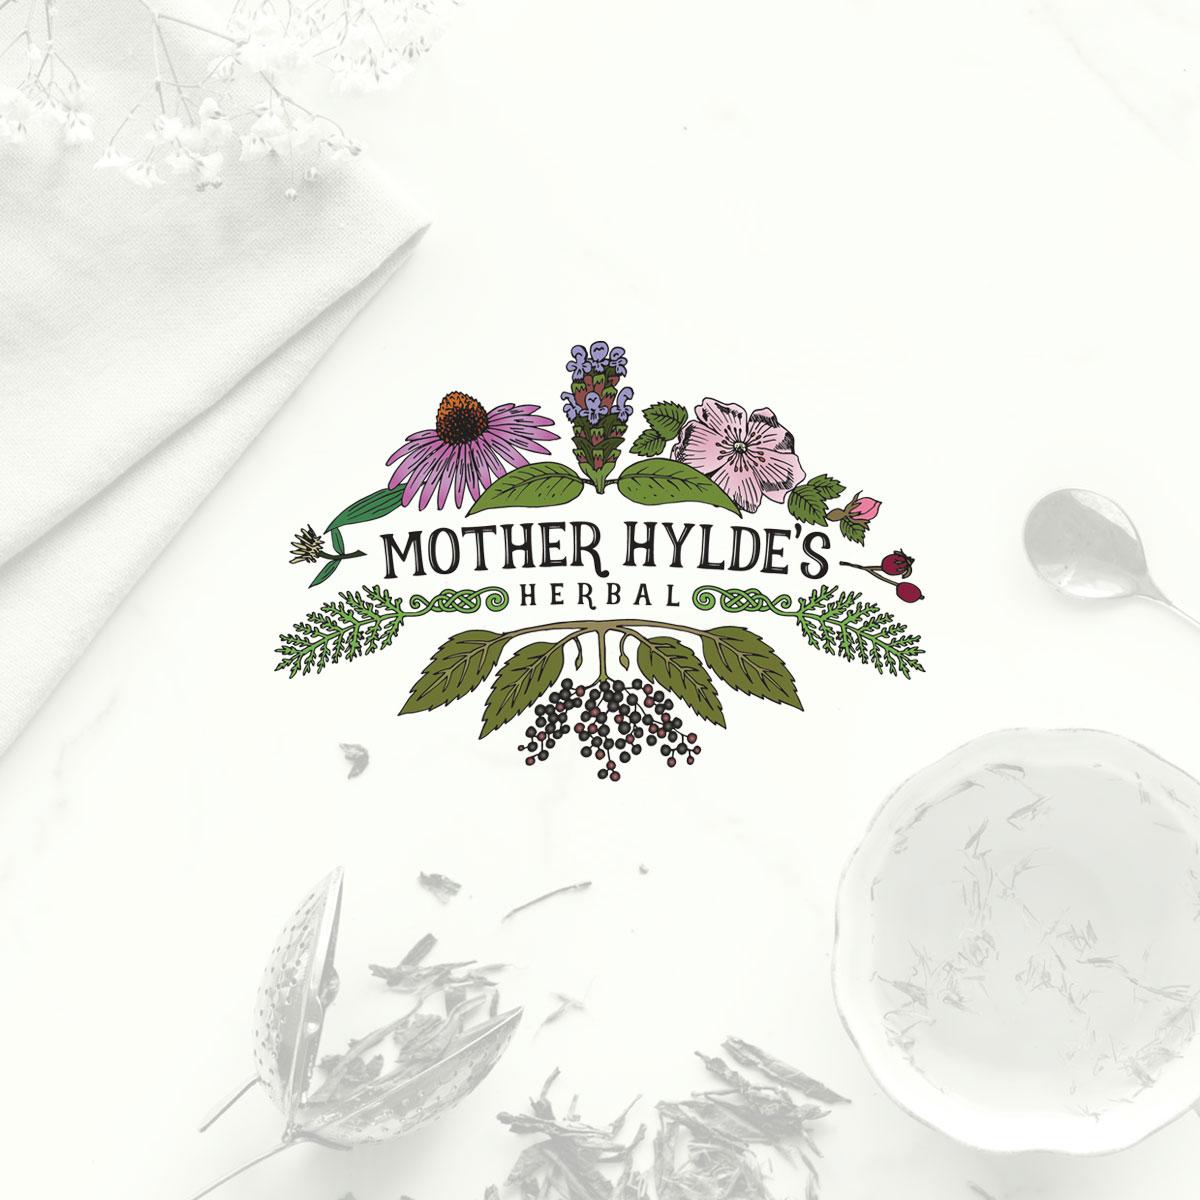 Mother Hylde's Herbal Logo